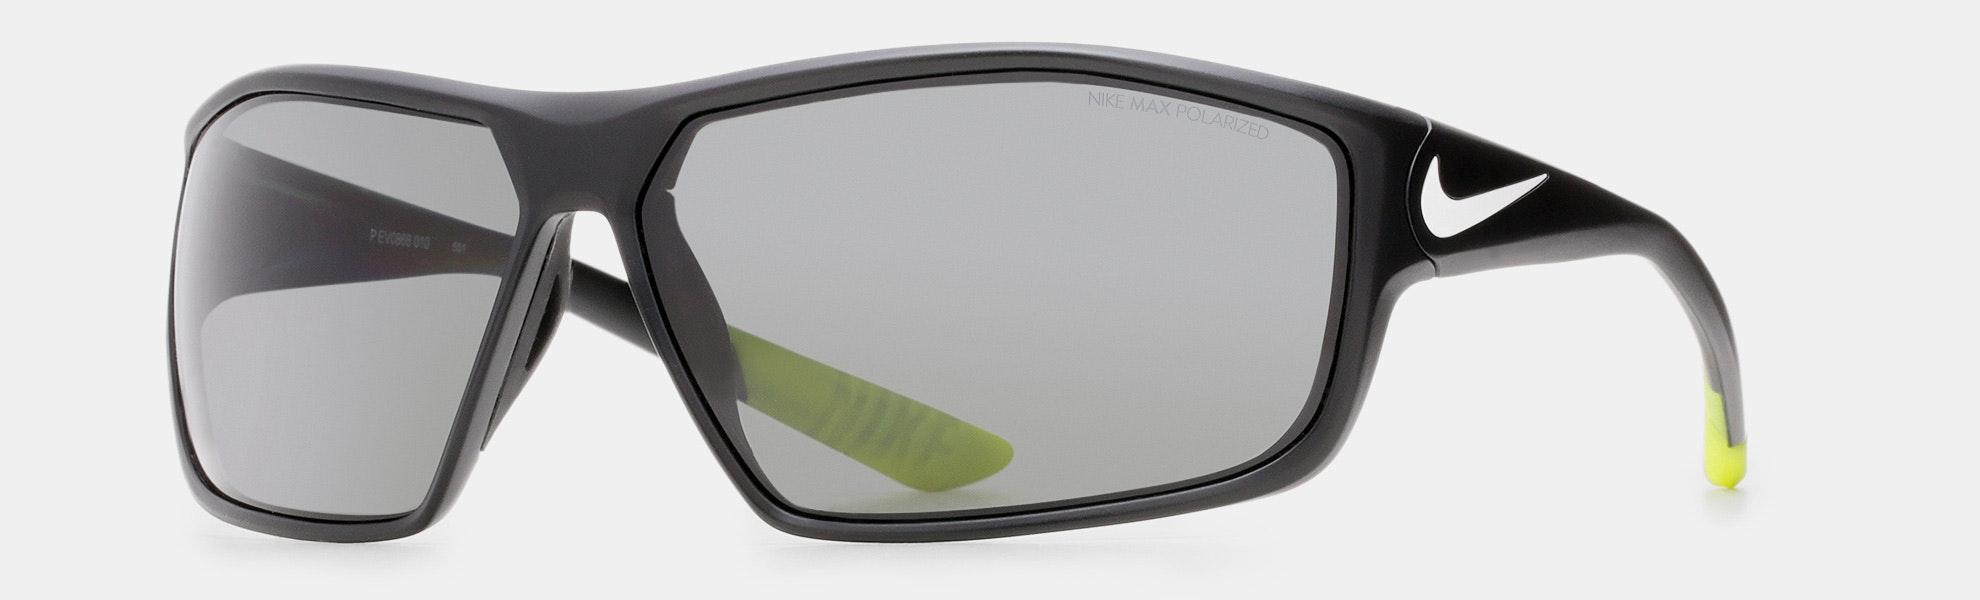 Nike Ignition Polarized Sunglasses